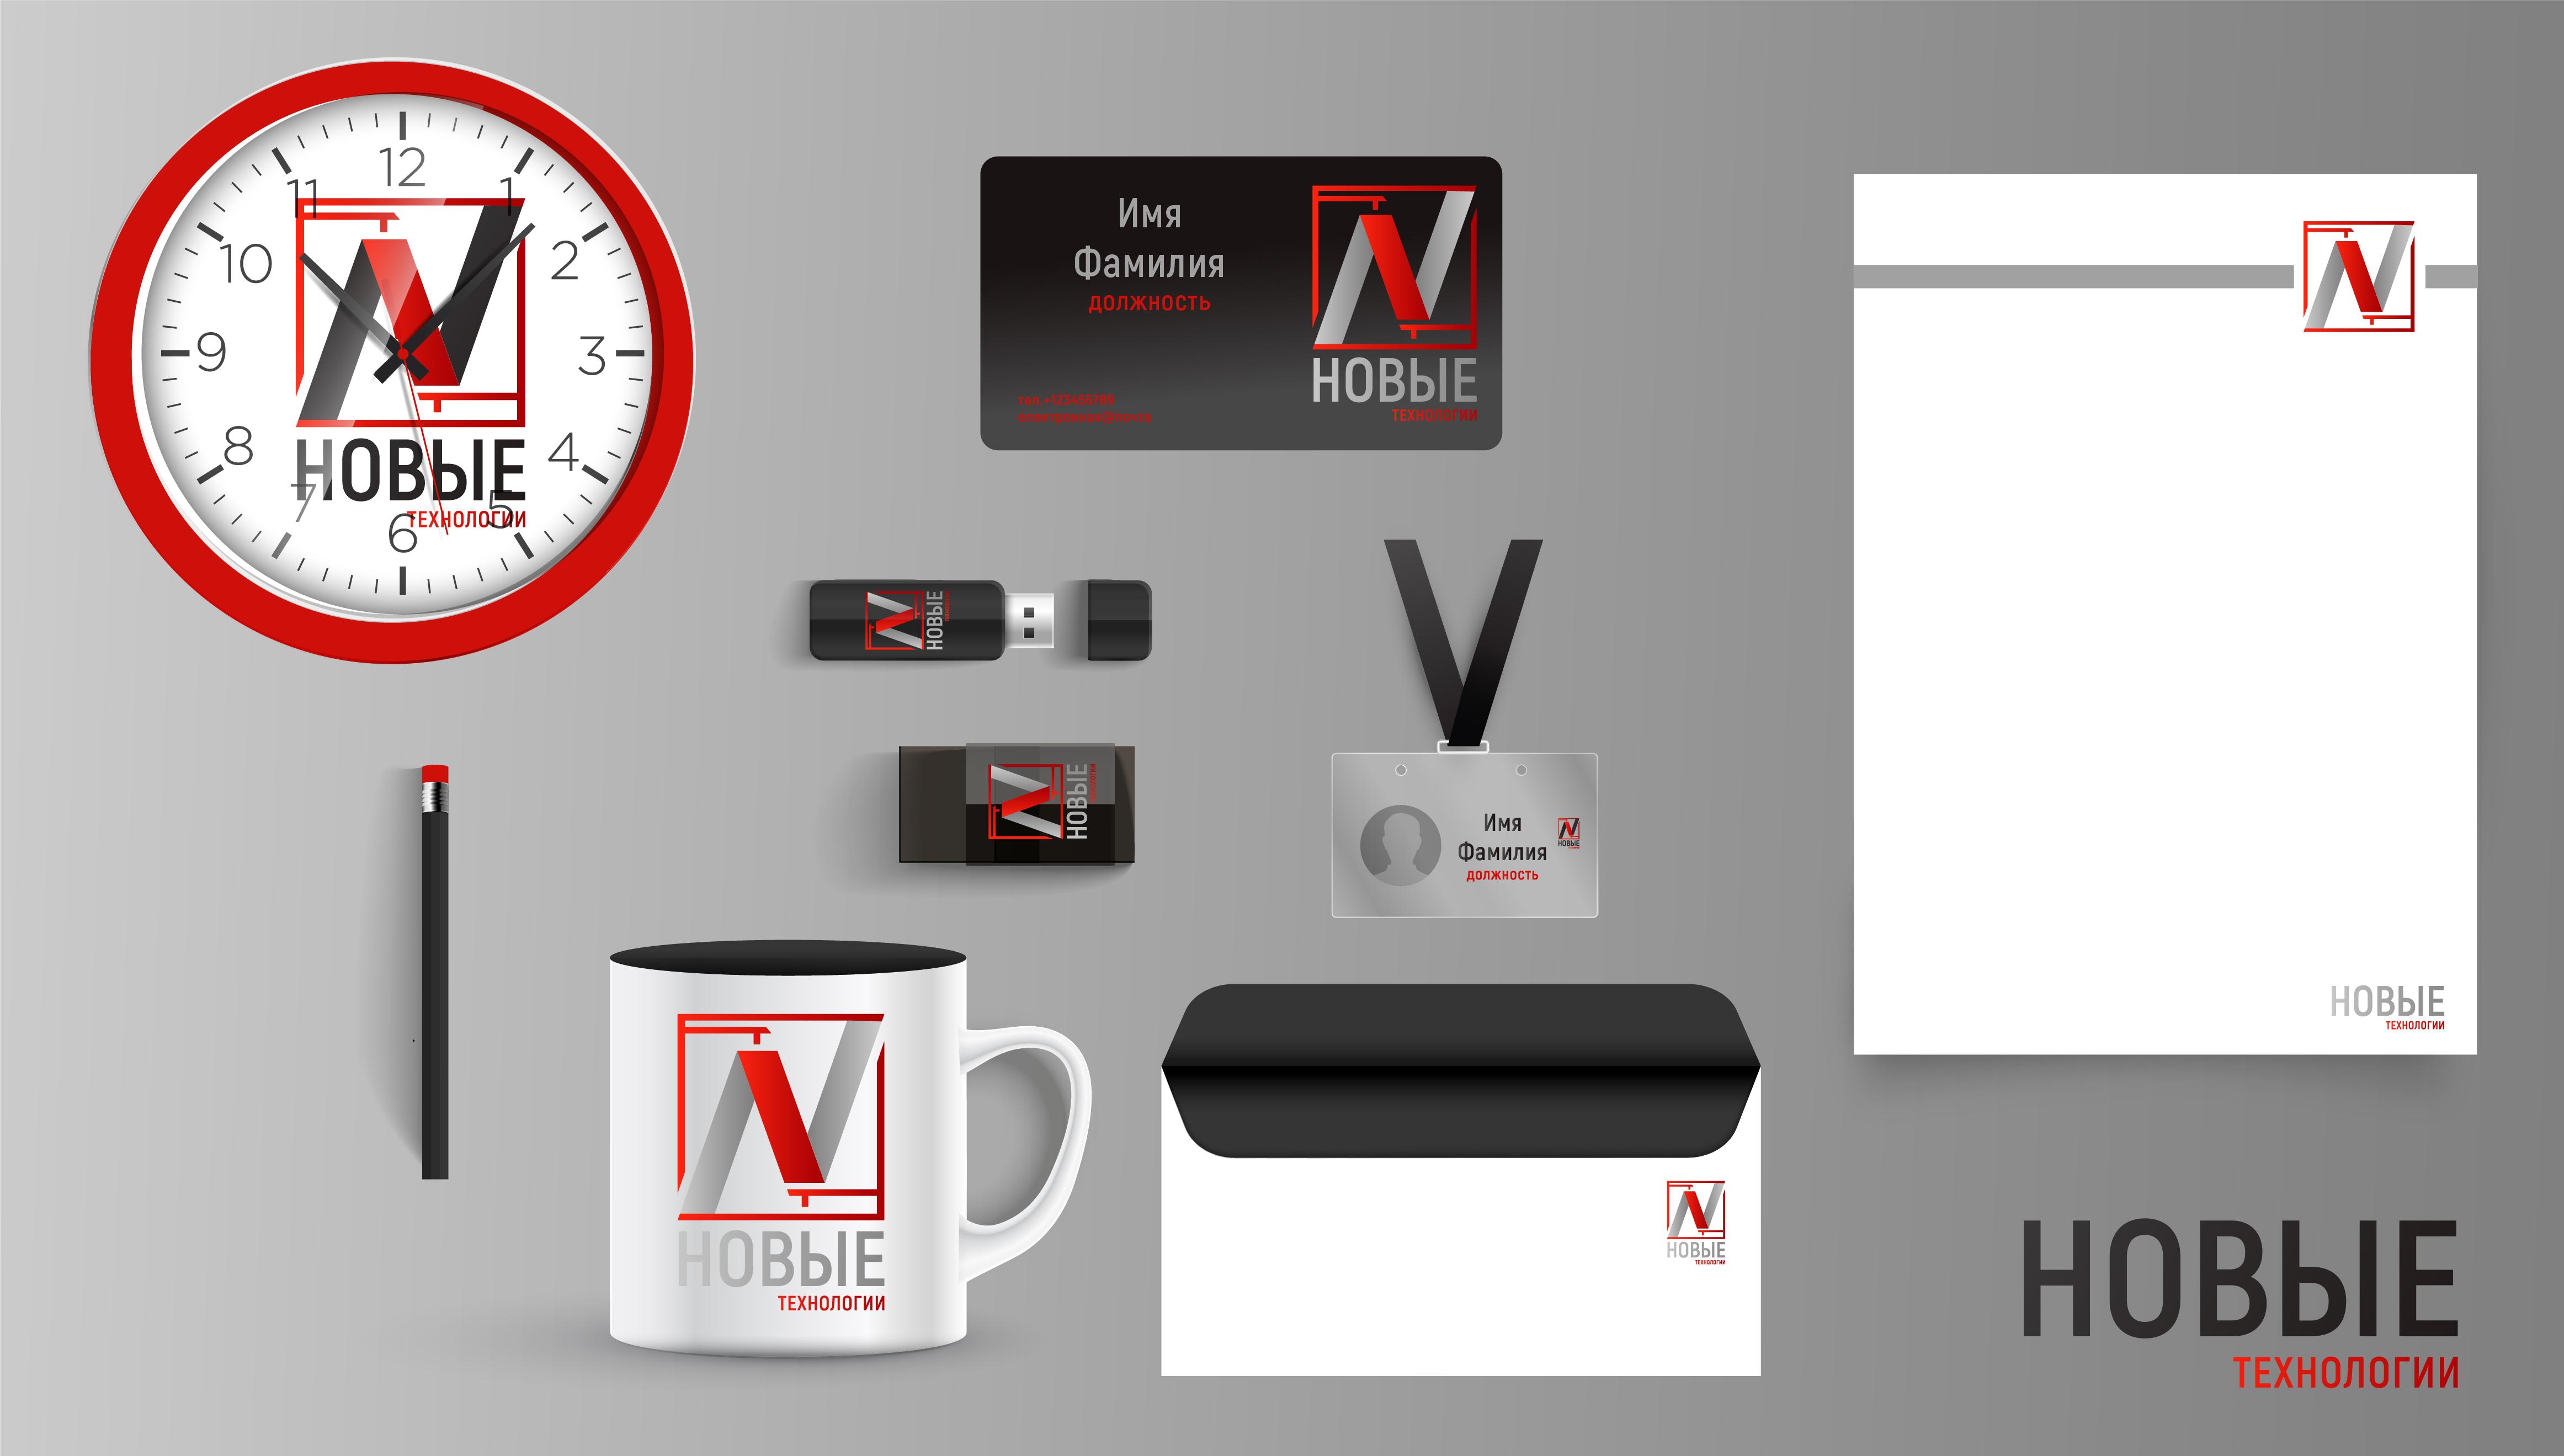 Разработка логотипа и фирменного стиля фото f_7225e7b078e0381c.jpg